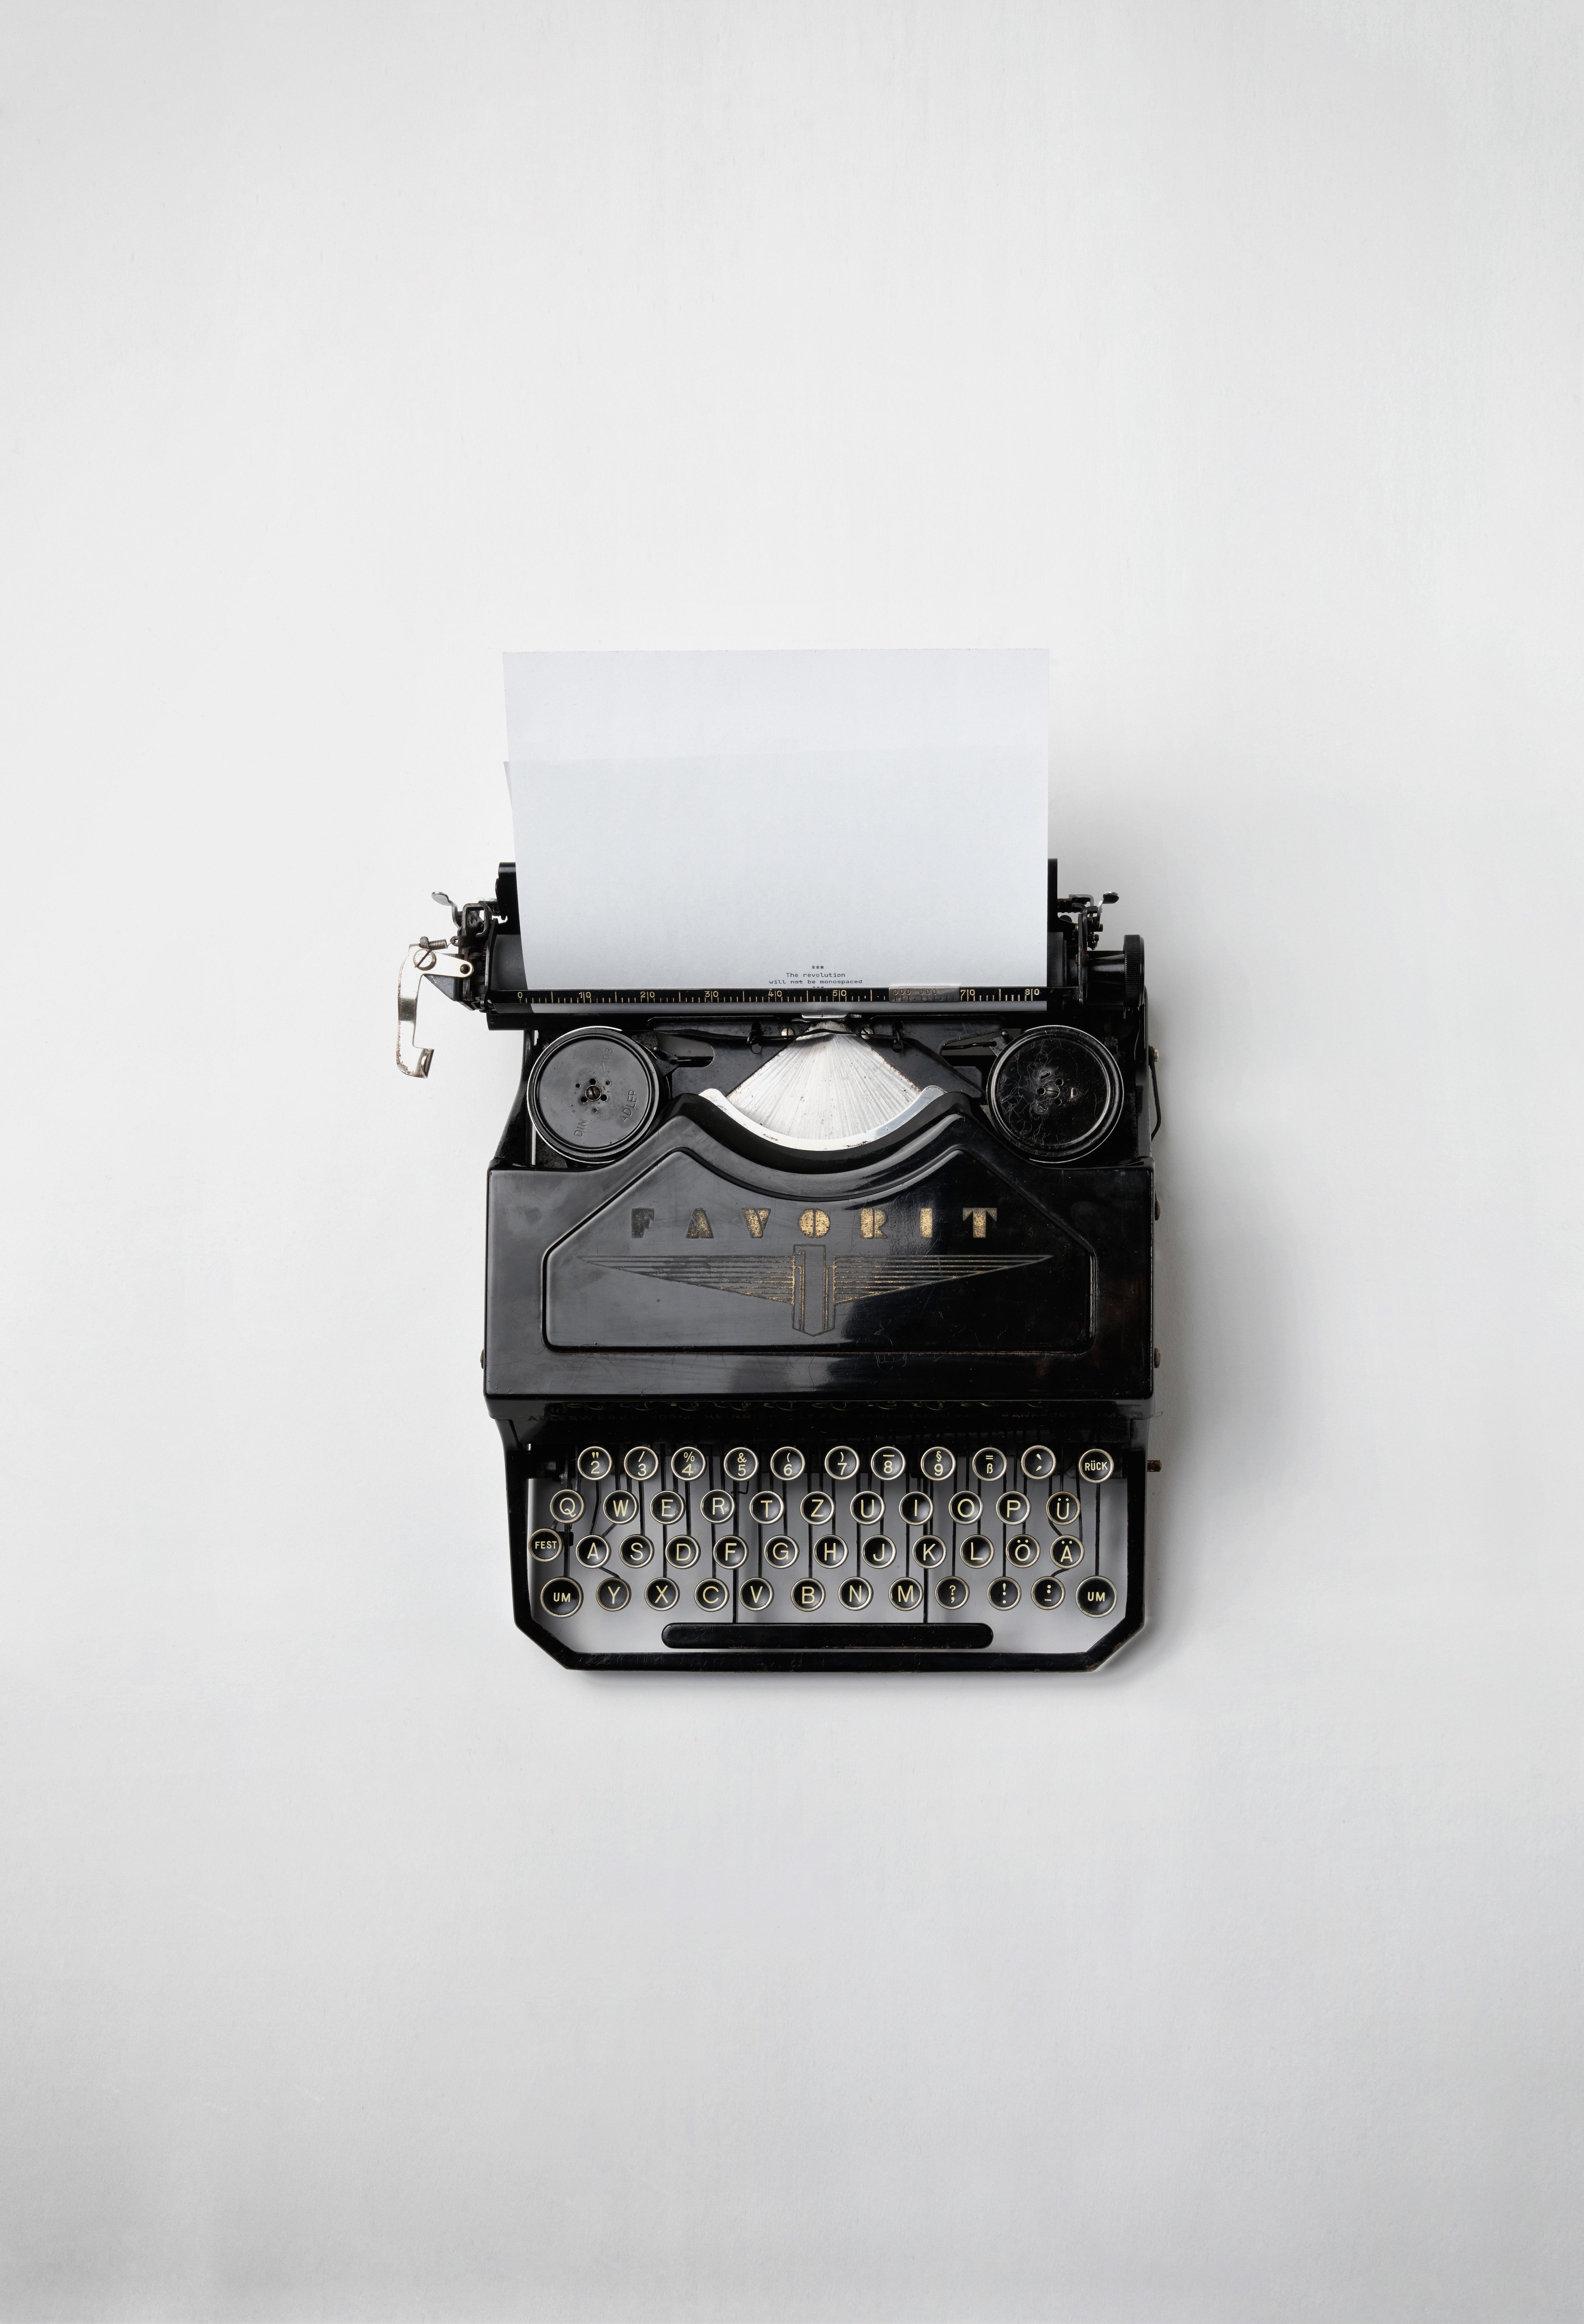 old black typewriter with paper jpeg